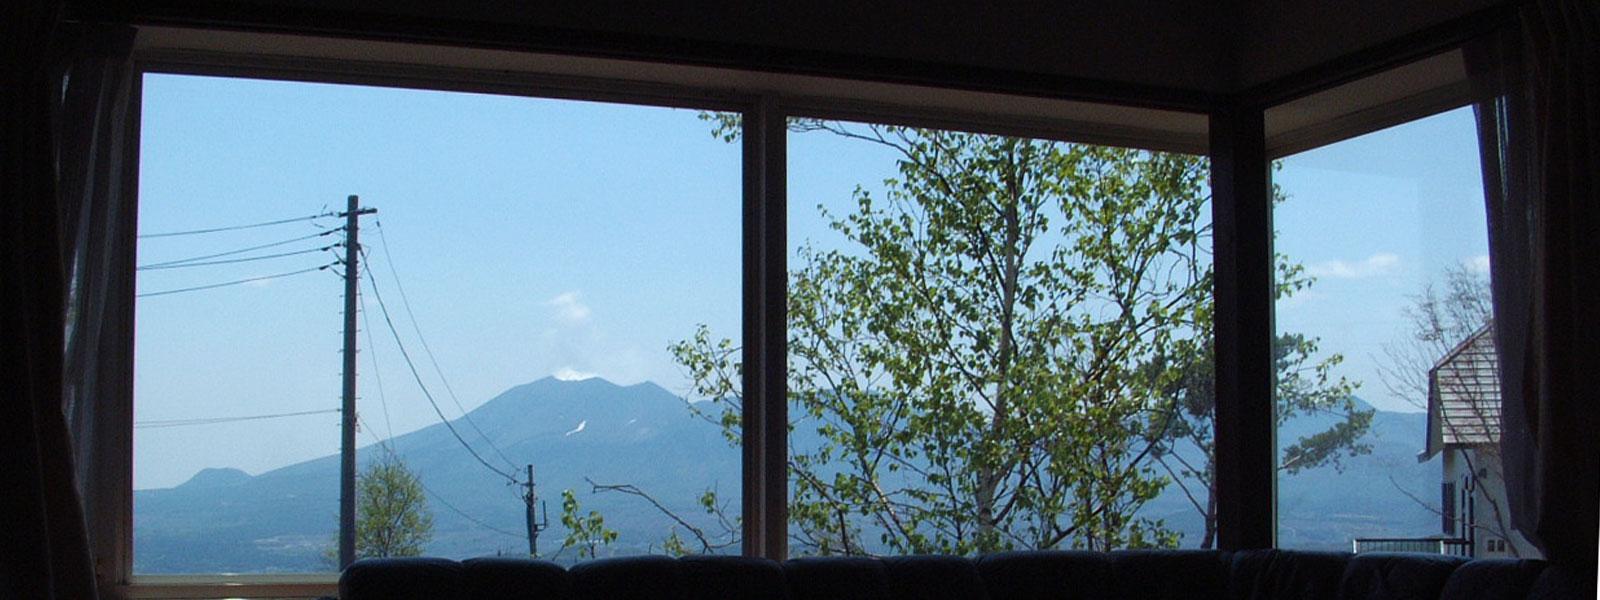 コテージの窓からの景色が素敵です